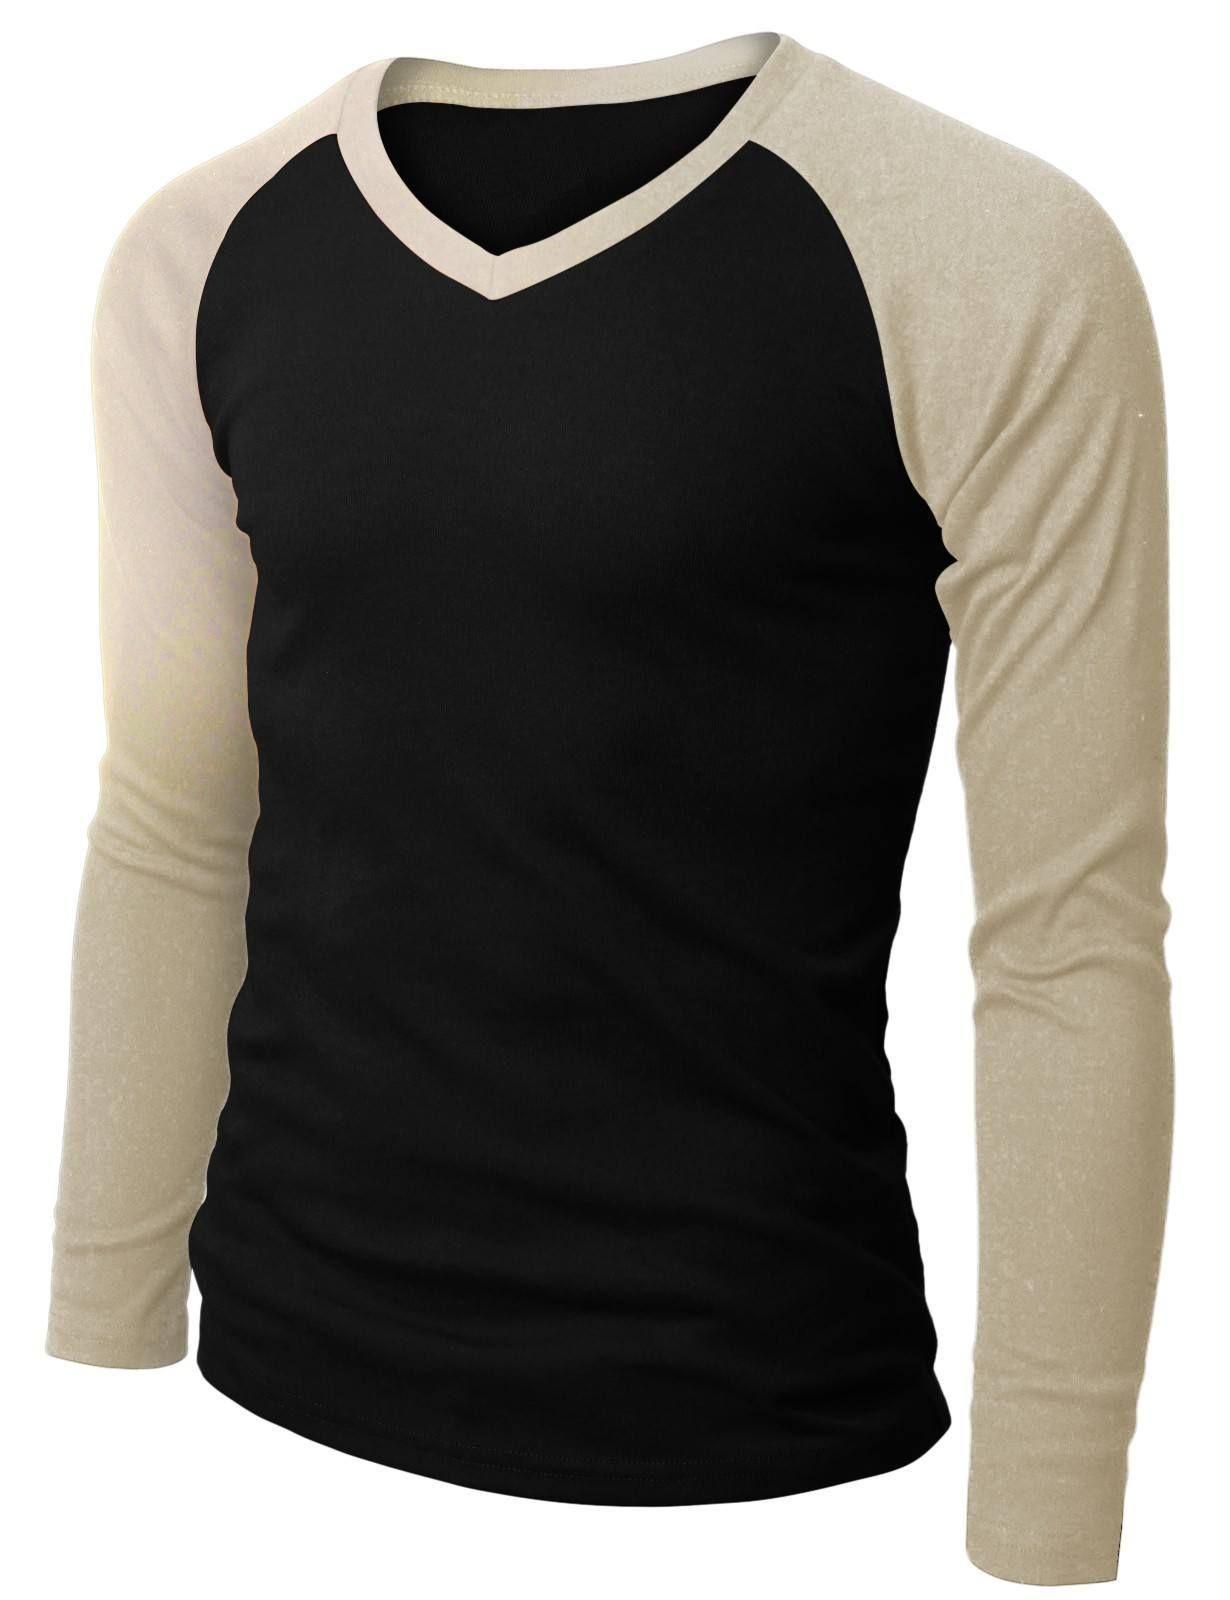 Polera Camiseta Negra Manga Larga Beige V